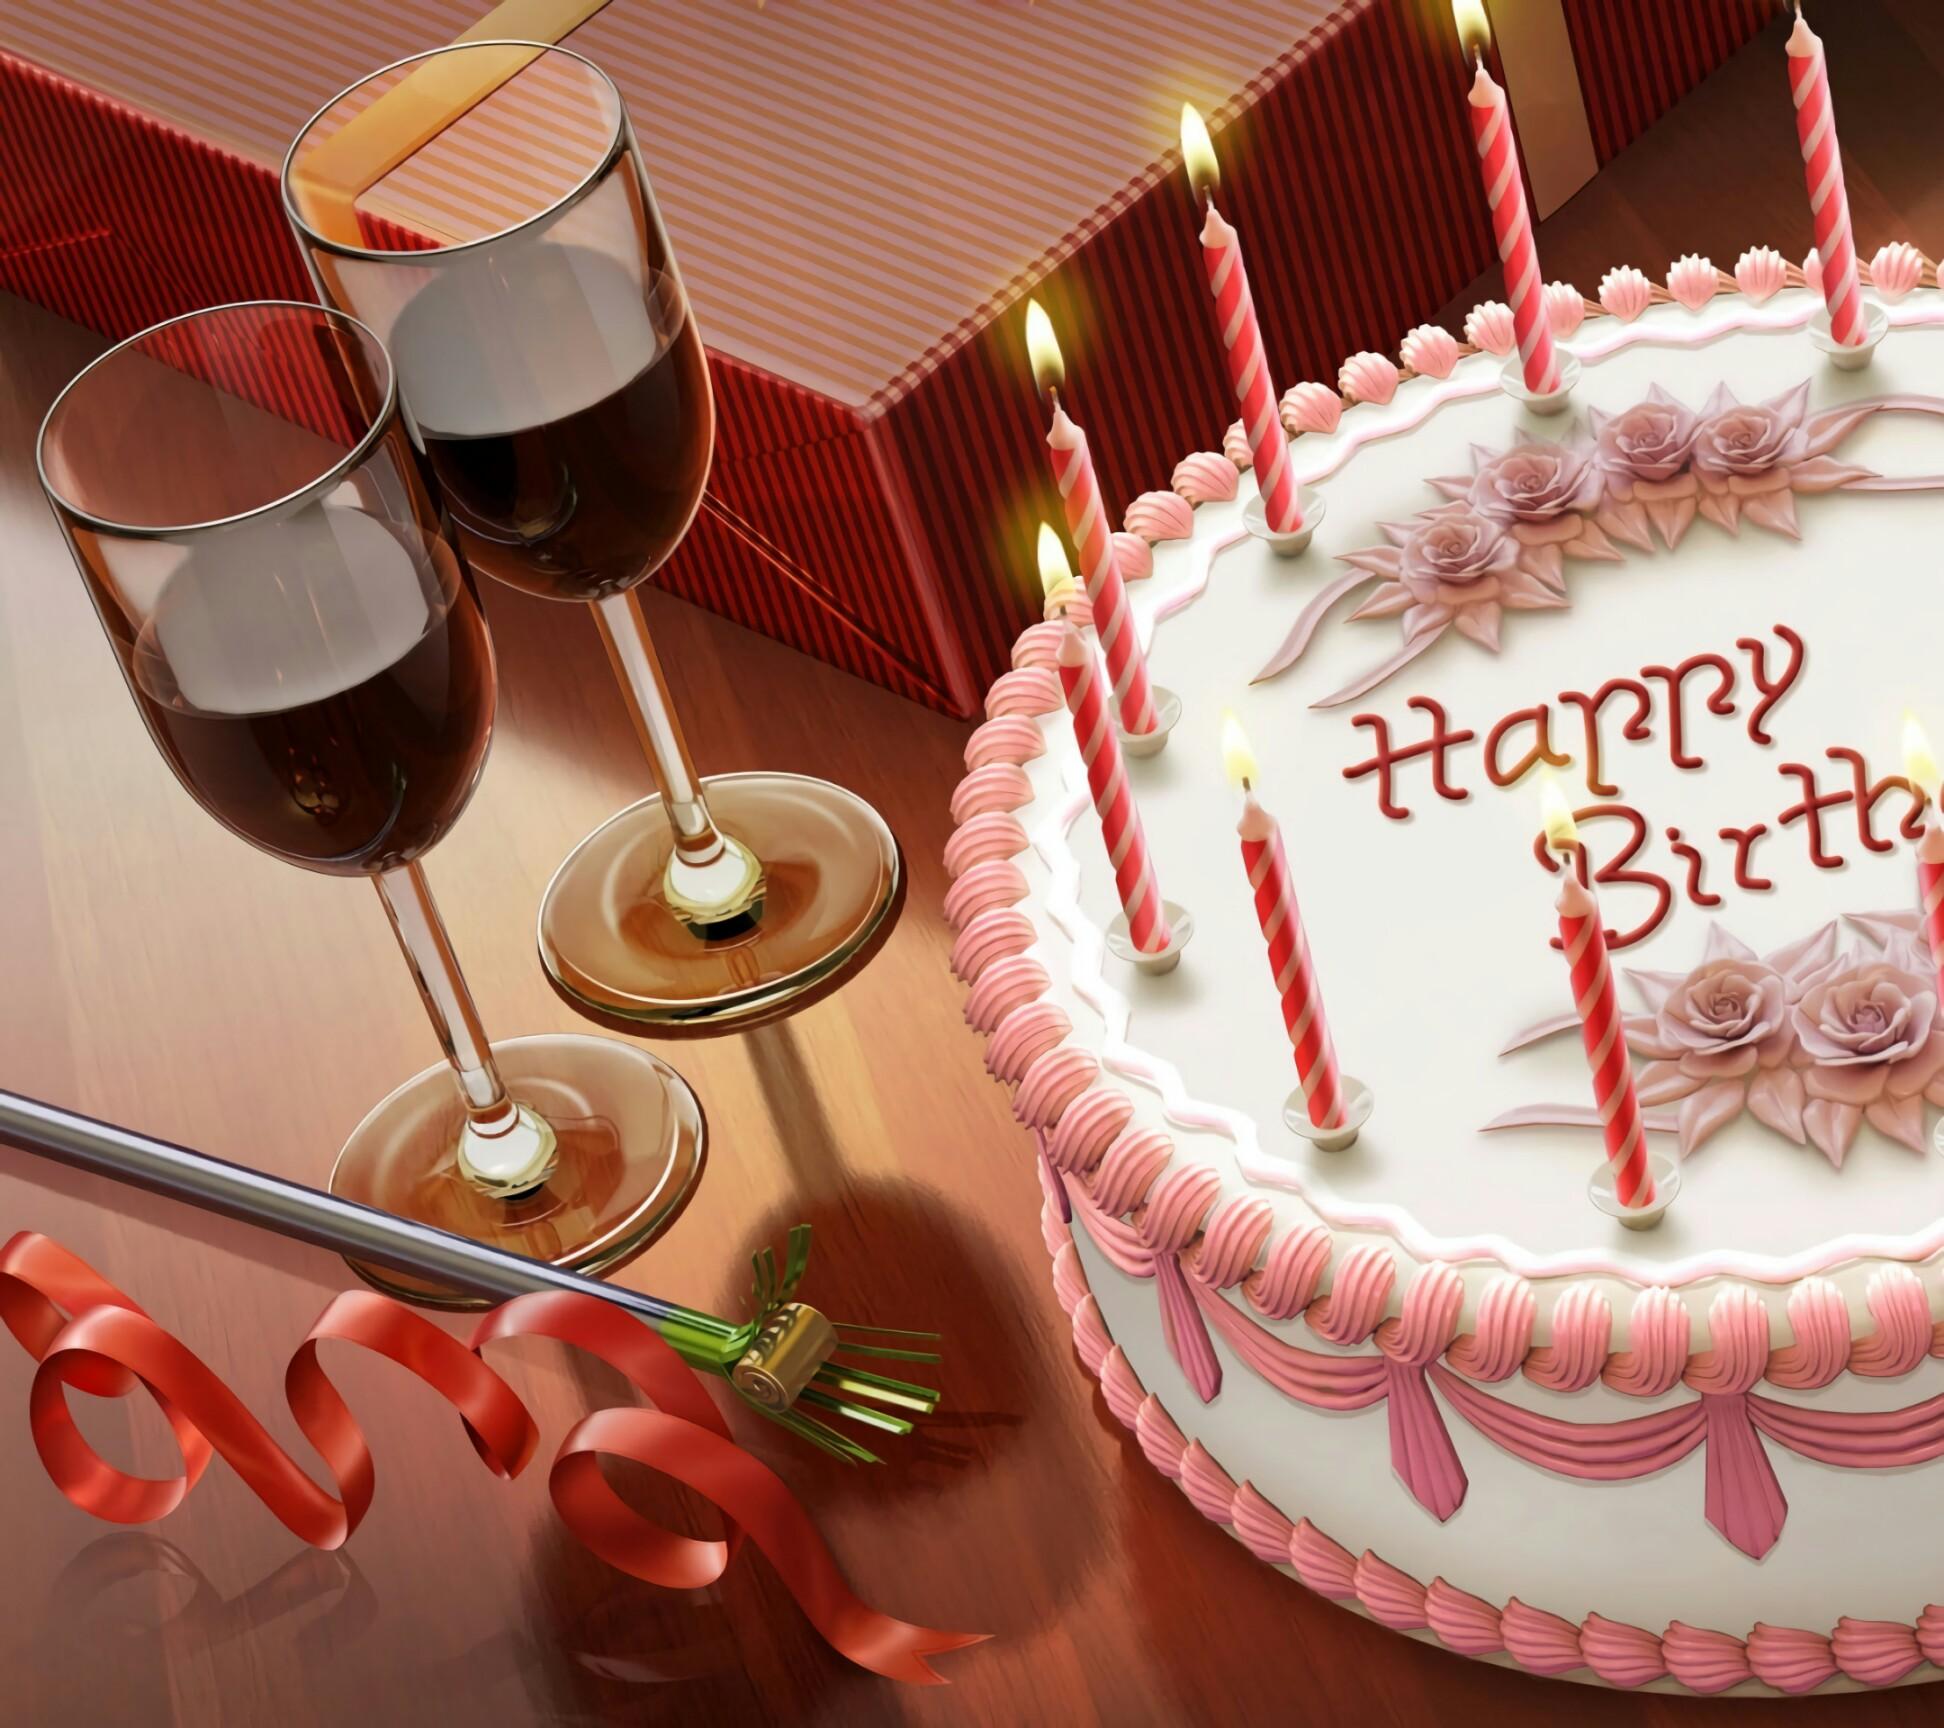 С днем рождения картинки на турецком, днем